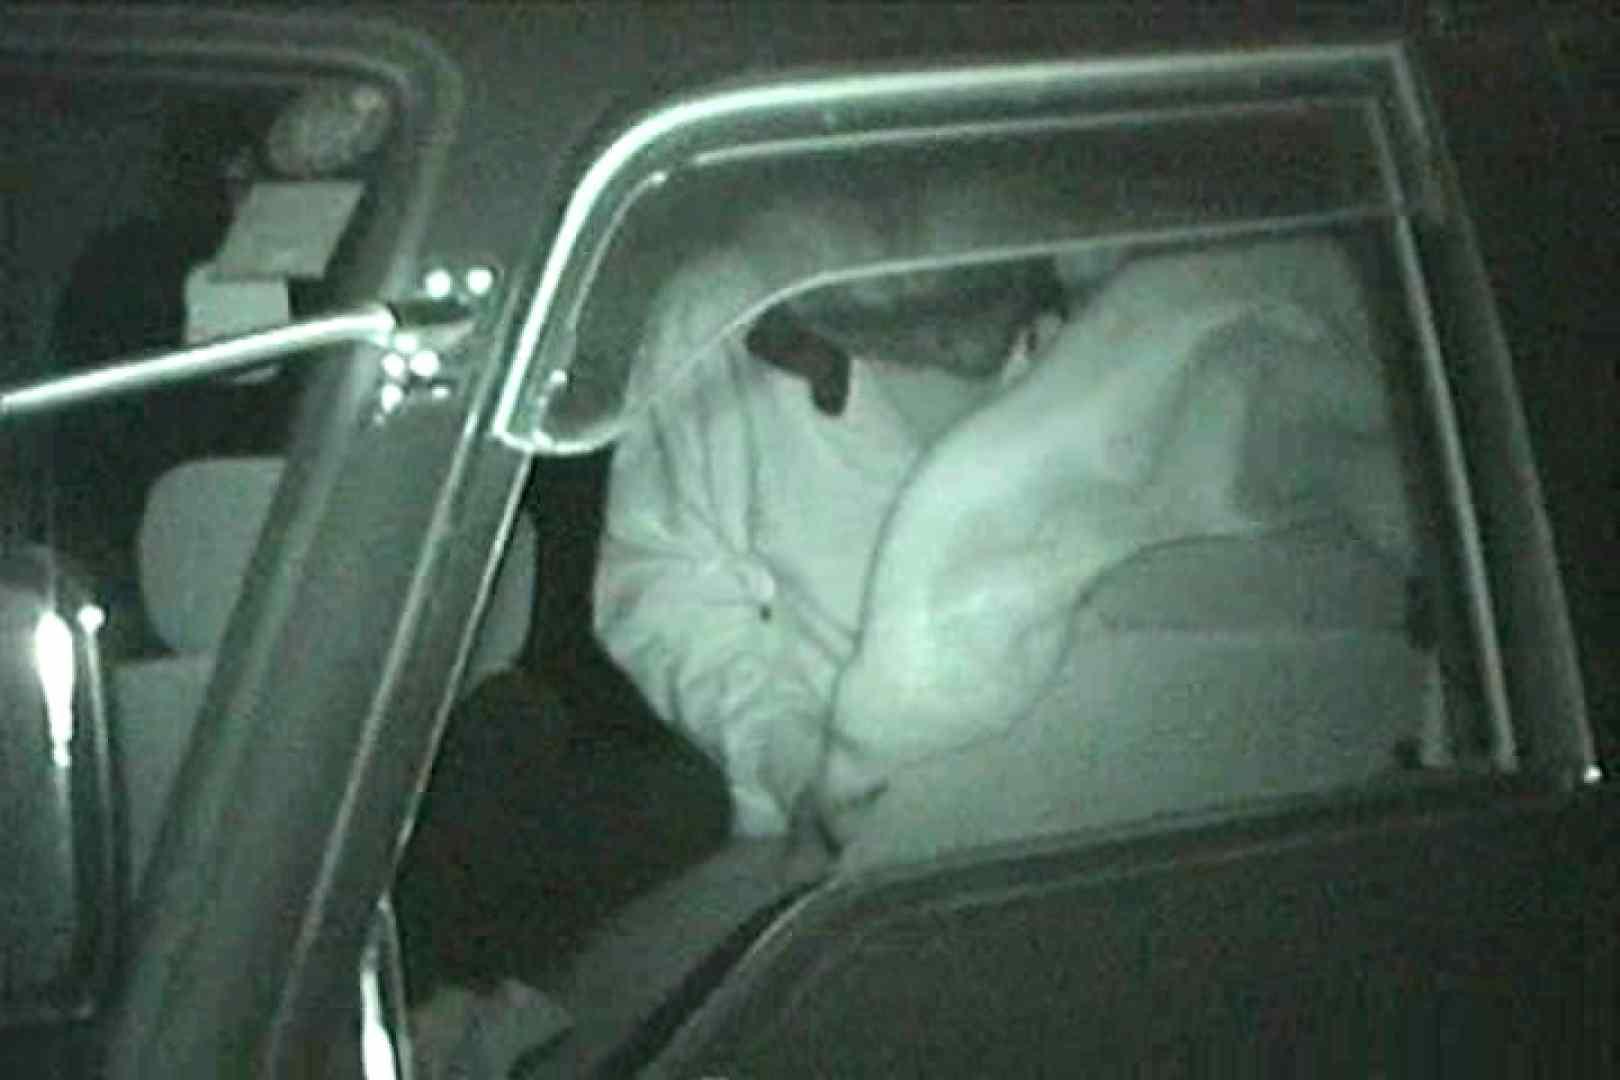 車の中はラブホテル 無修正版  Vol.27 カーセックス 盗撮動画紹介 105PIX 70